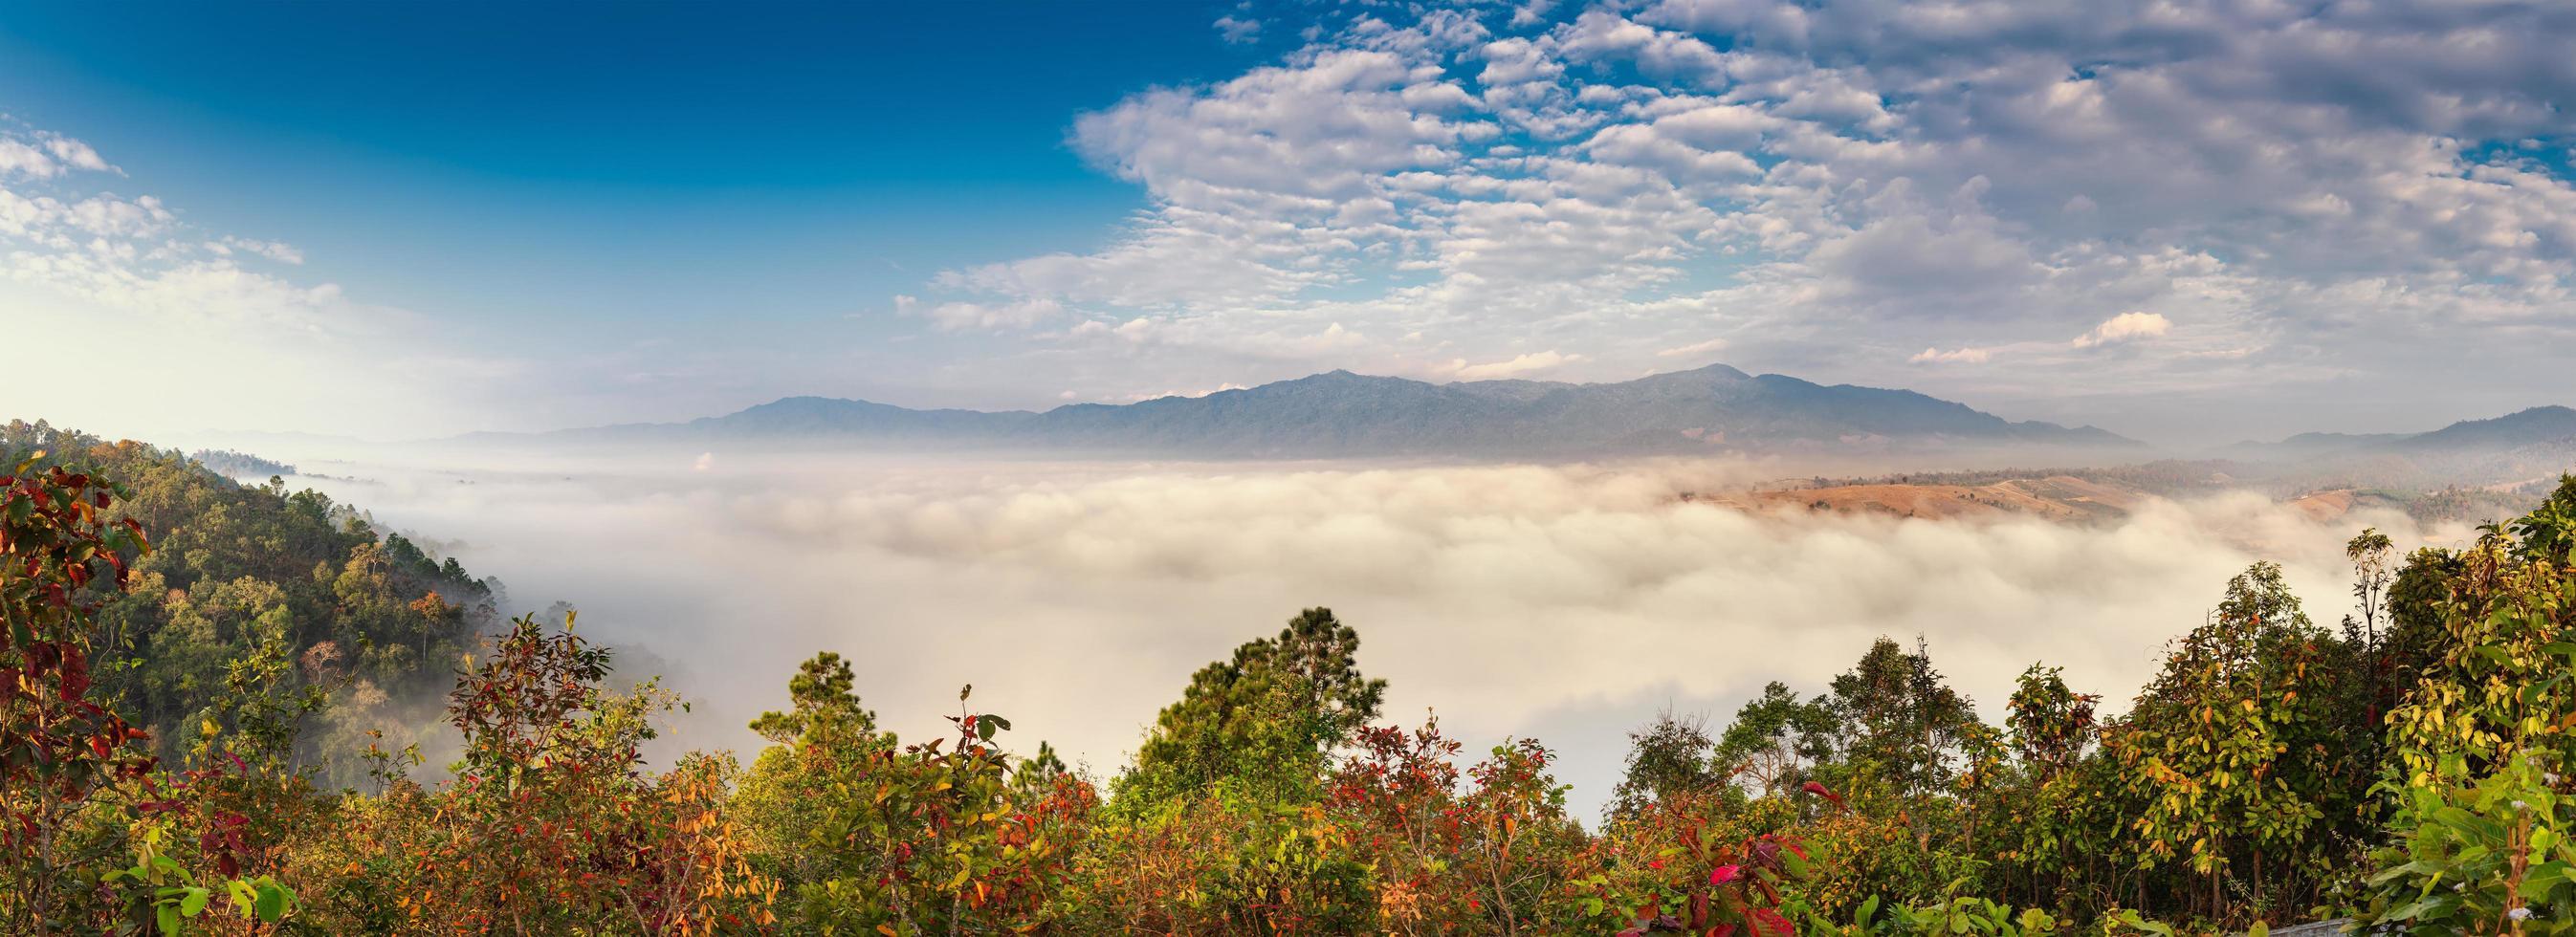 foresta con nuvole e montagne foto